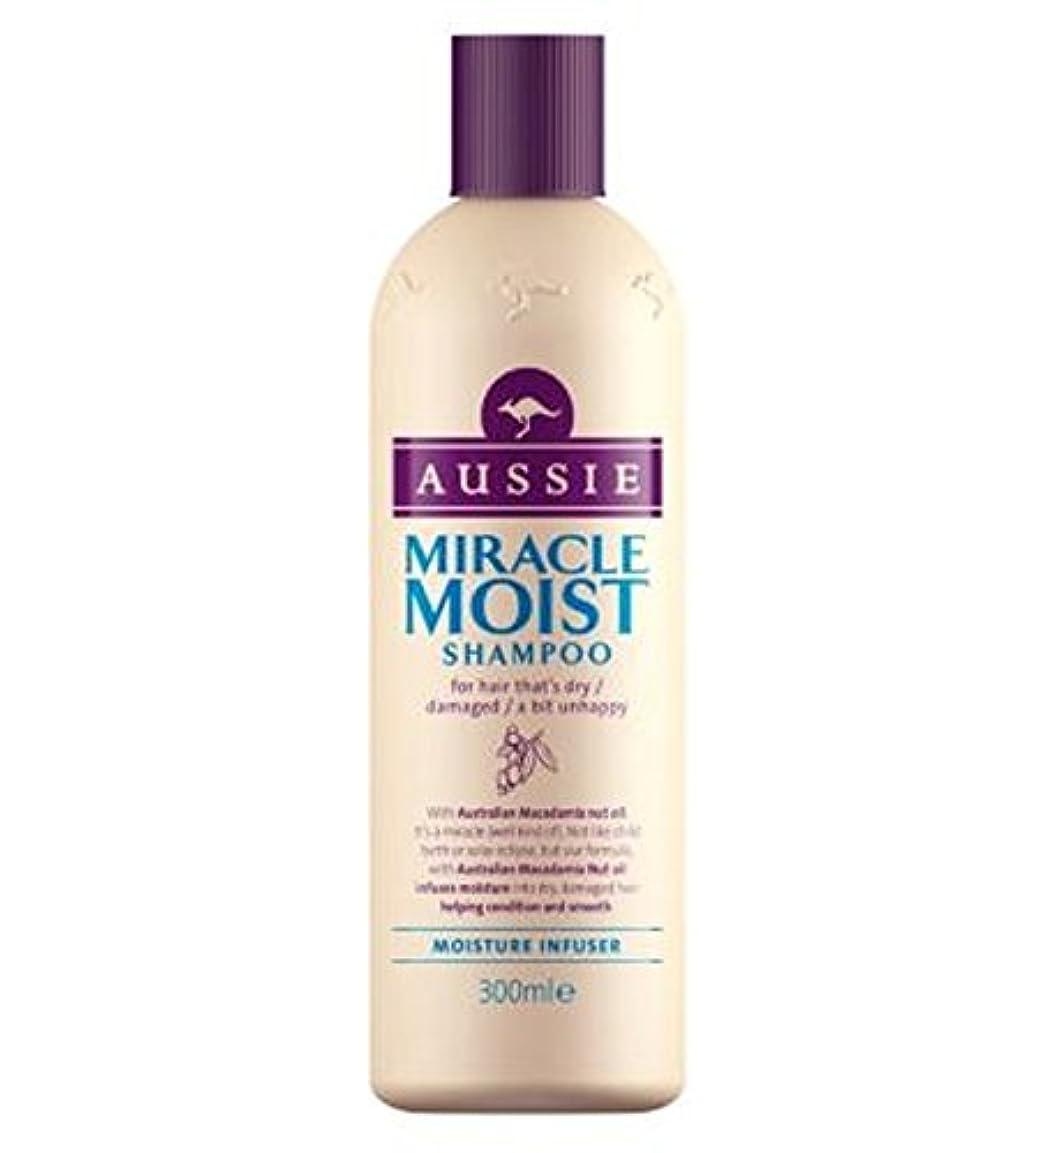 地下室アナウンサー課税オージー奇跡湿ったシャンプー300ミリリットル (Aussie) (x2) - Aussie Miracle Moist Shampoo 300ml (Pack of 2) [並行輸入品]